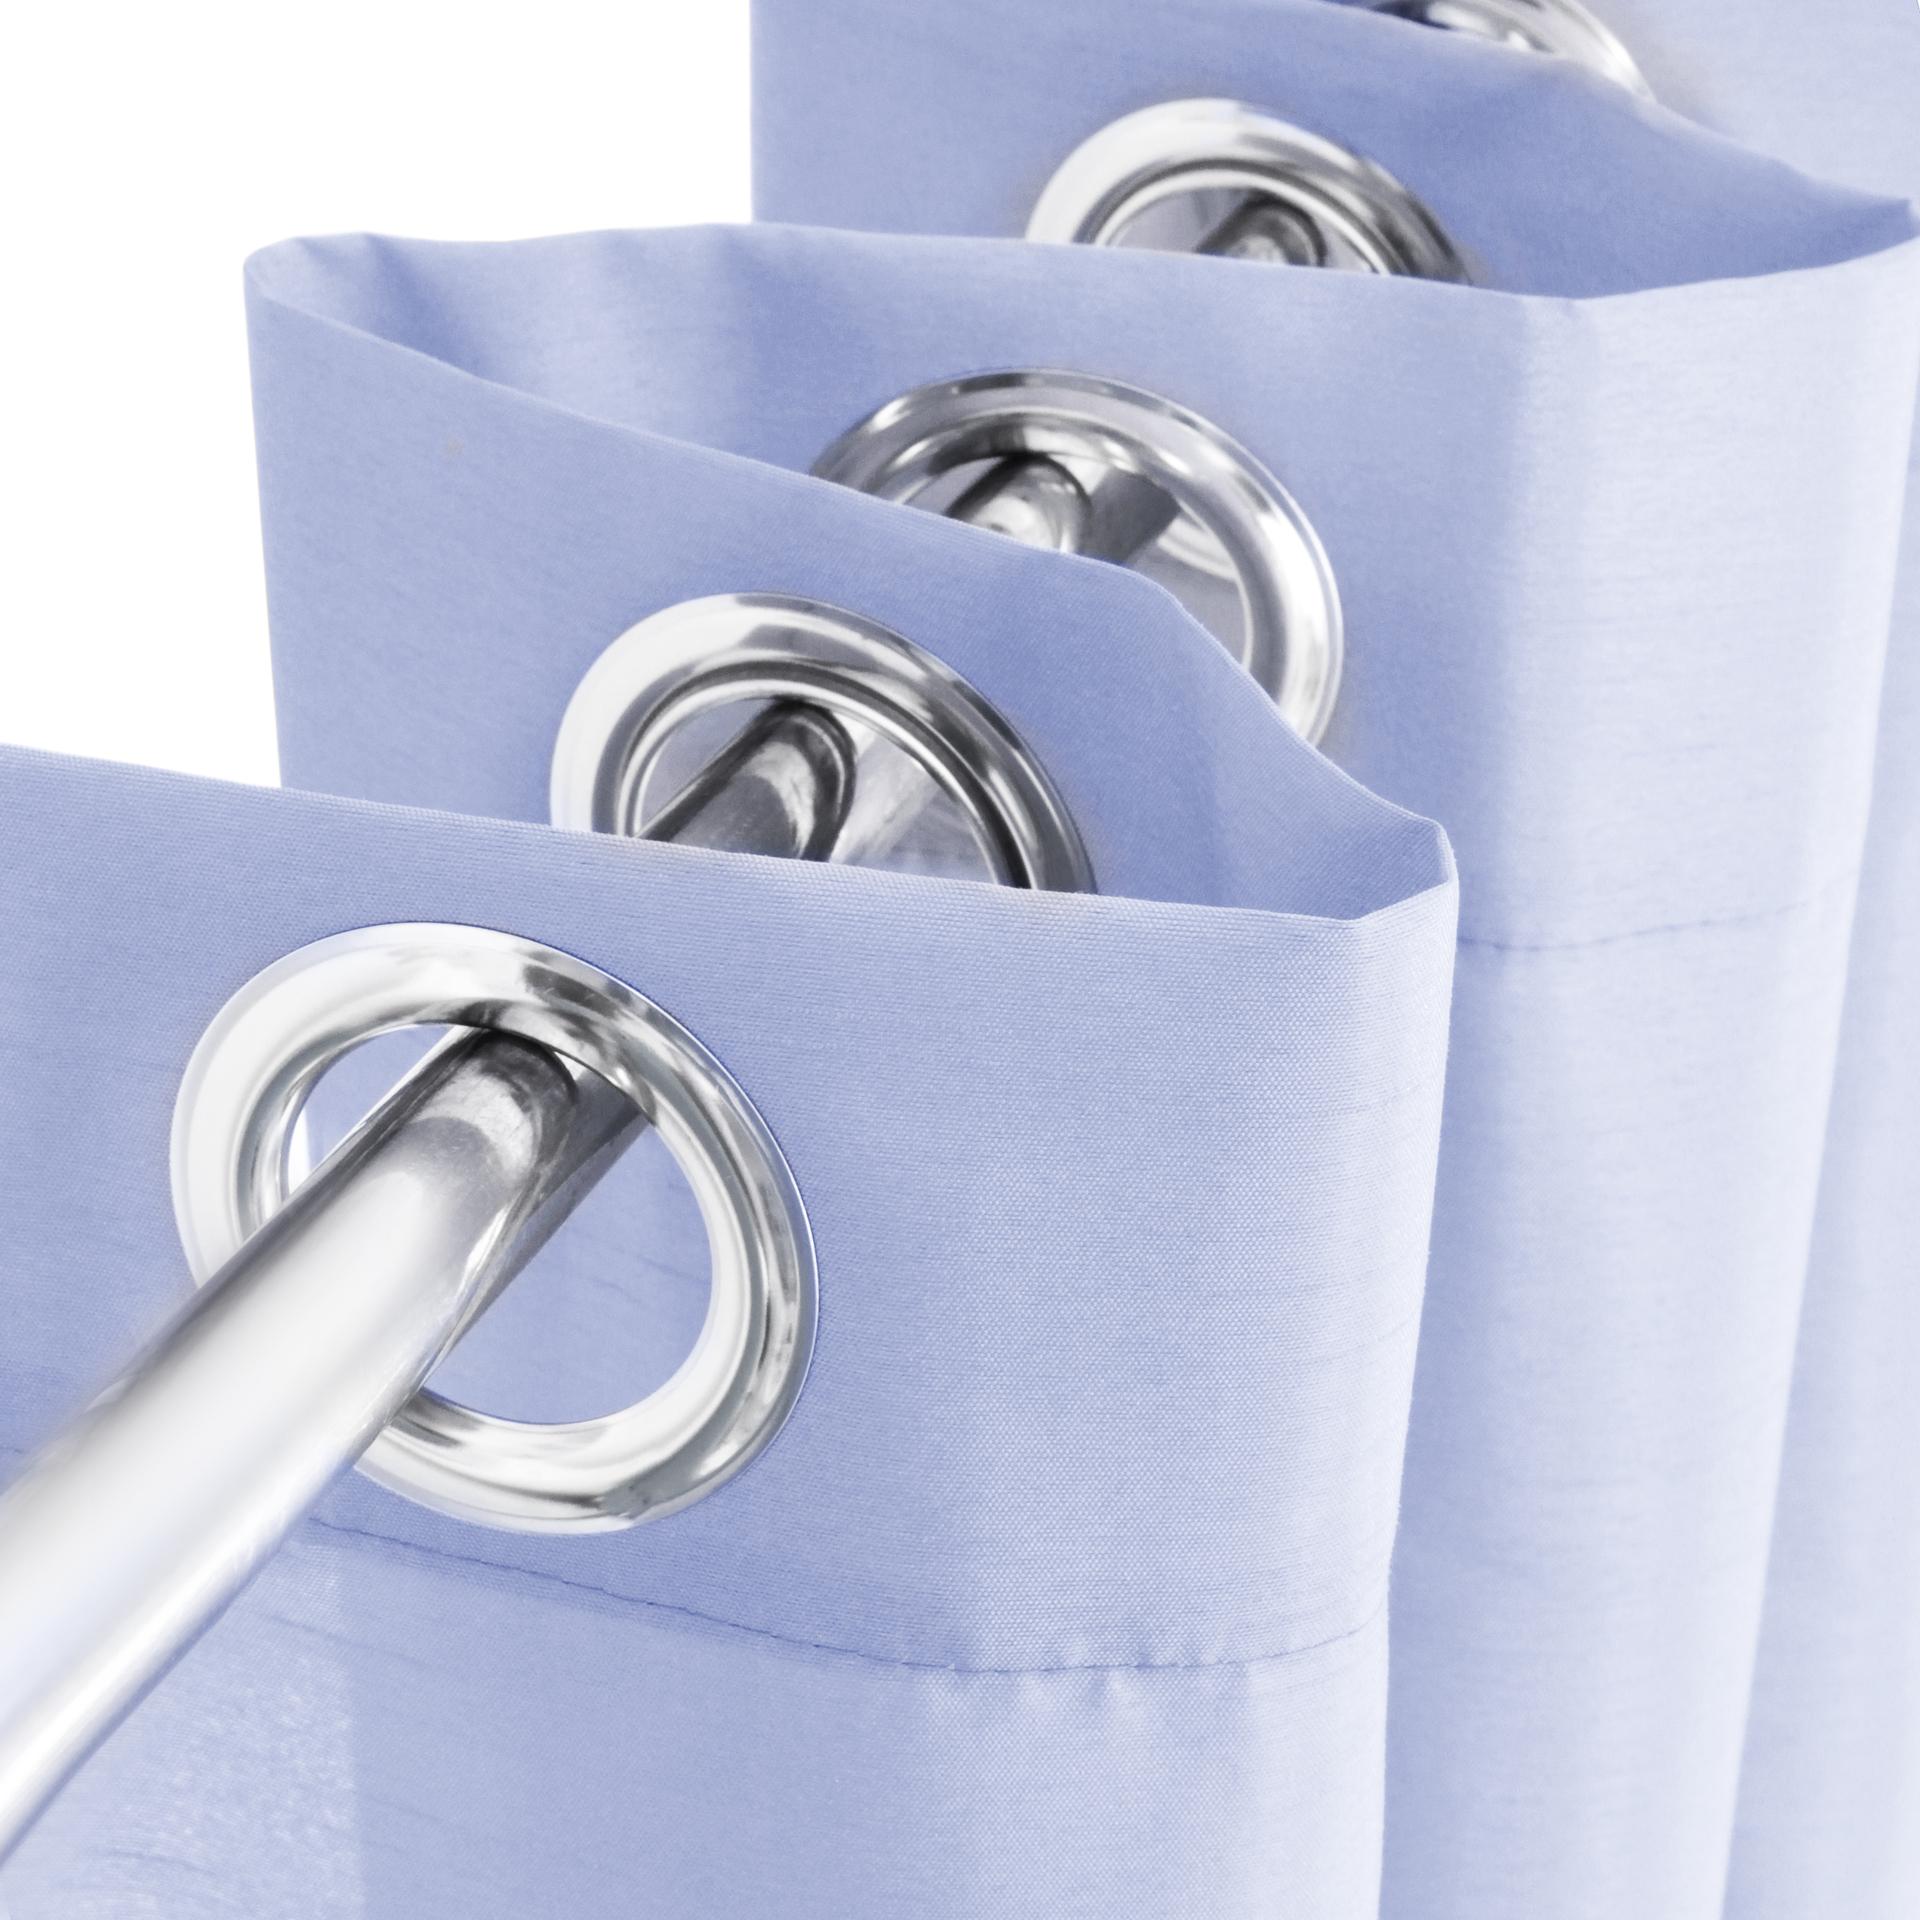 Závěs, z pevné neprůhledné tkaniny, umělé hedvábí